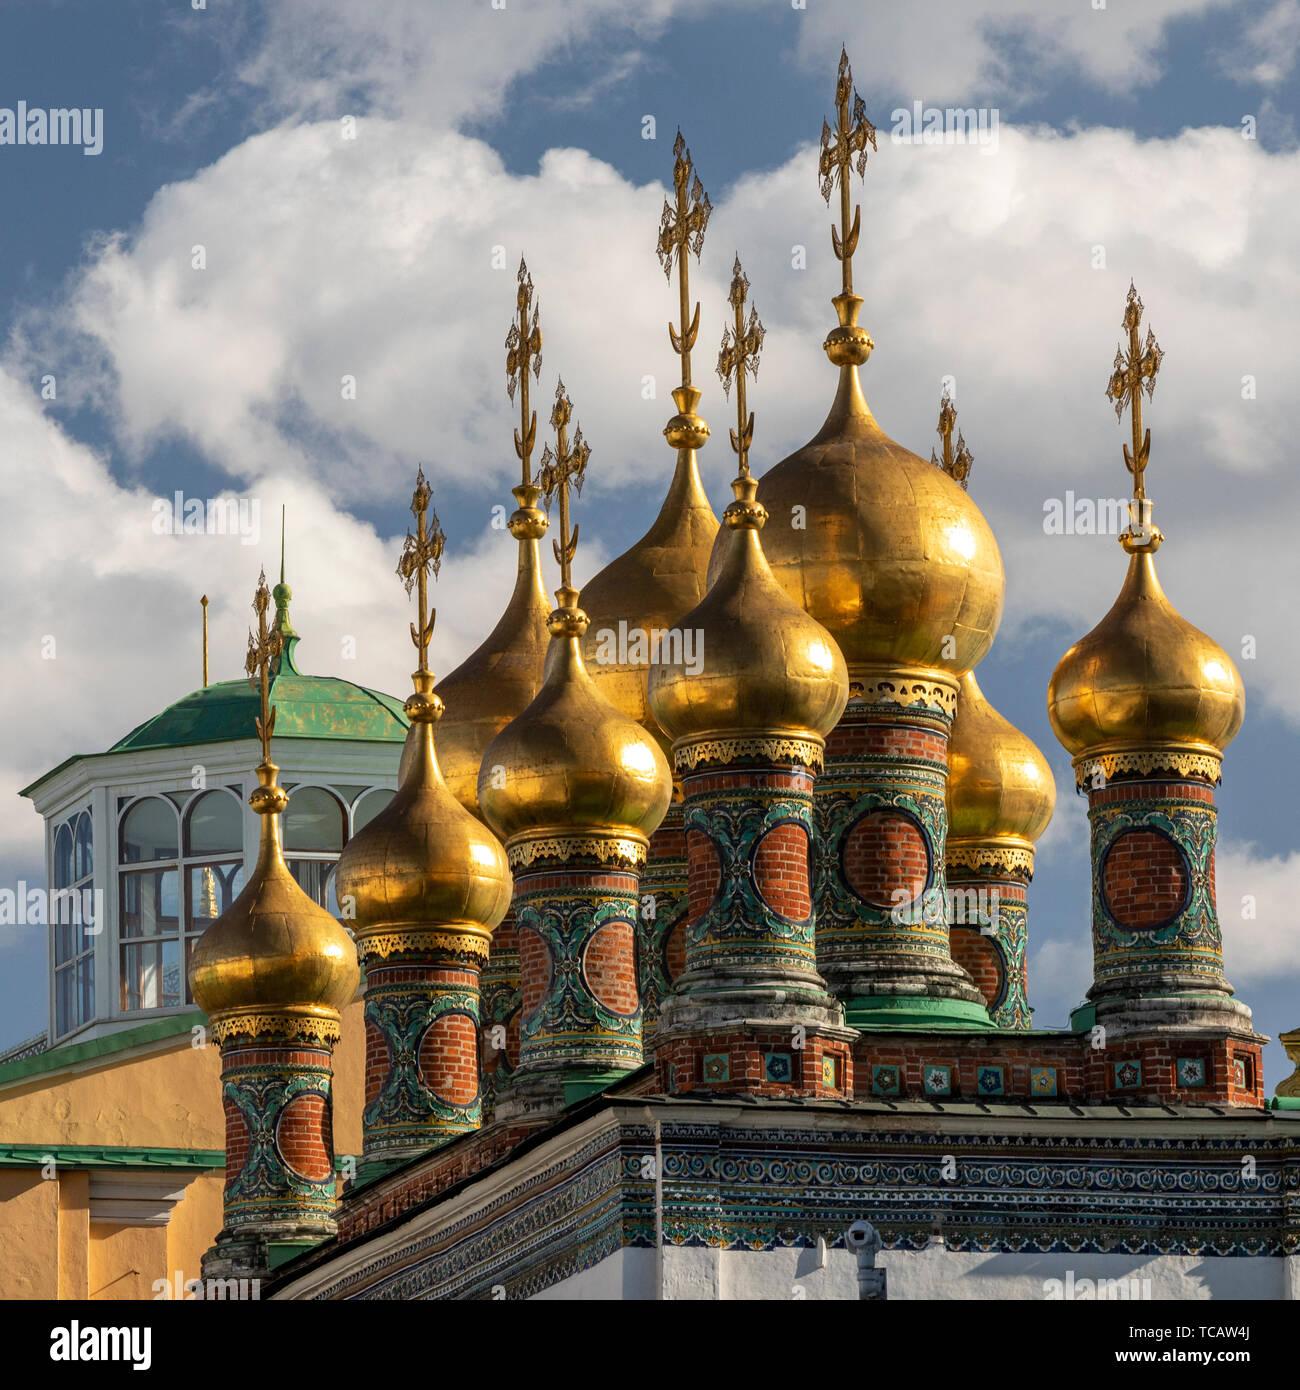 Cúpulas en forma de cebolla dorados del Palacio Terem del Kremlin, Moscú, Rusia Foto de stock